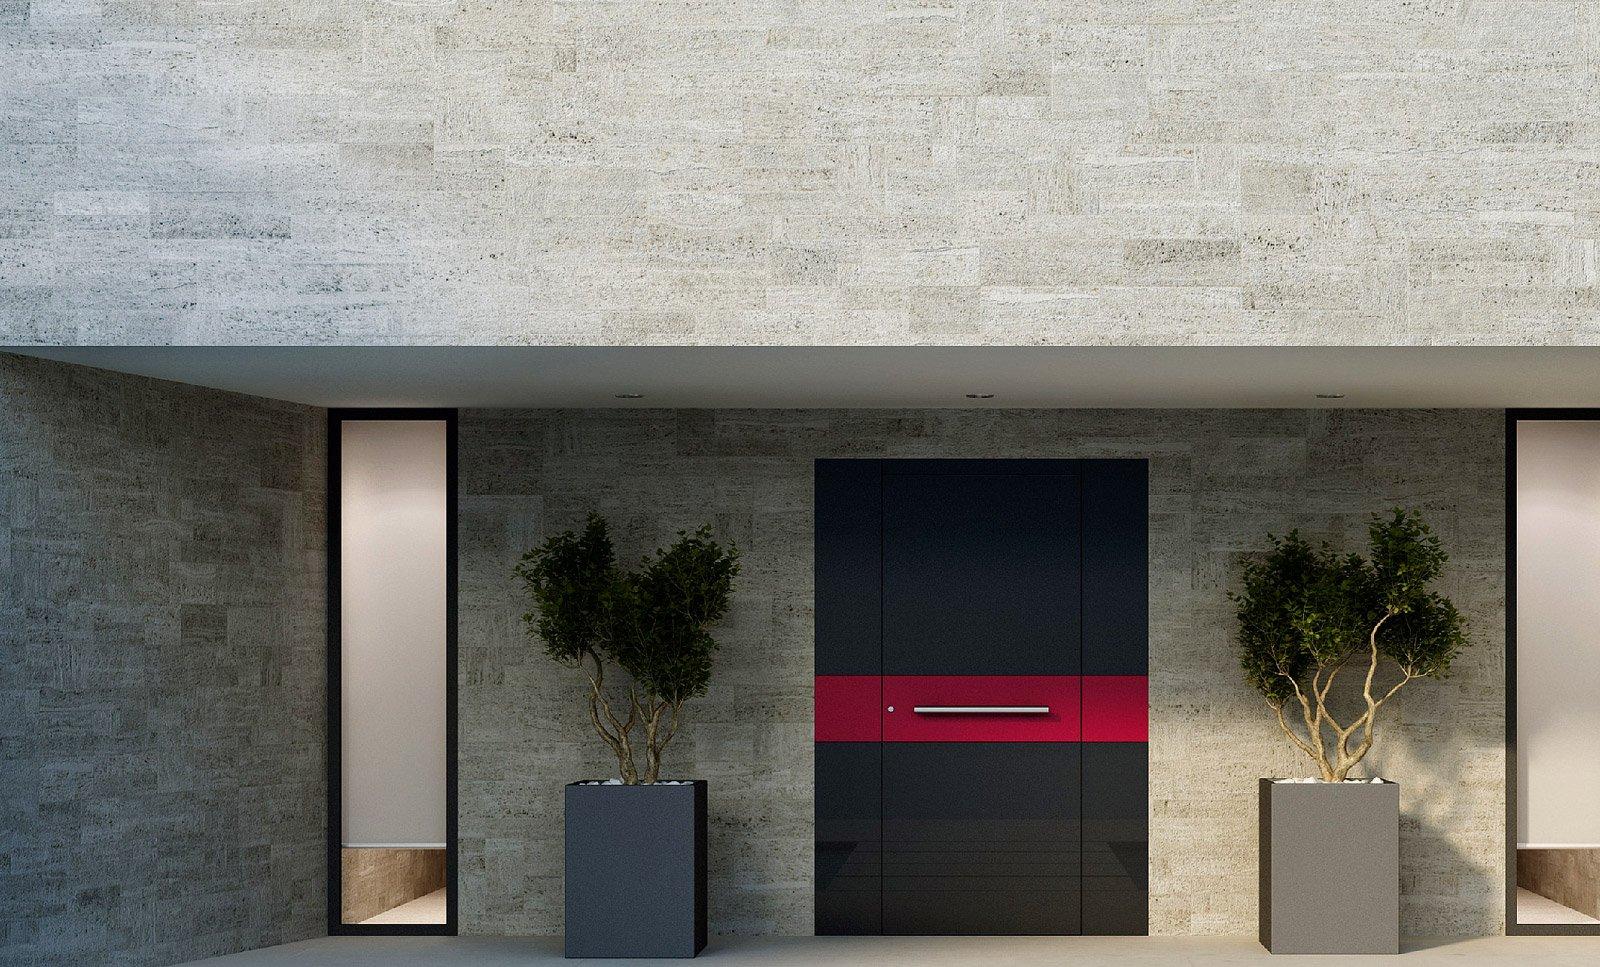 Ingressi protetti all 39 interno e all 39 esterno cose di casa for Entrate case moderne